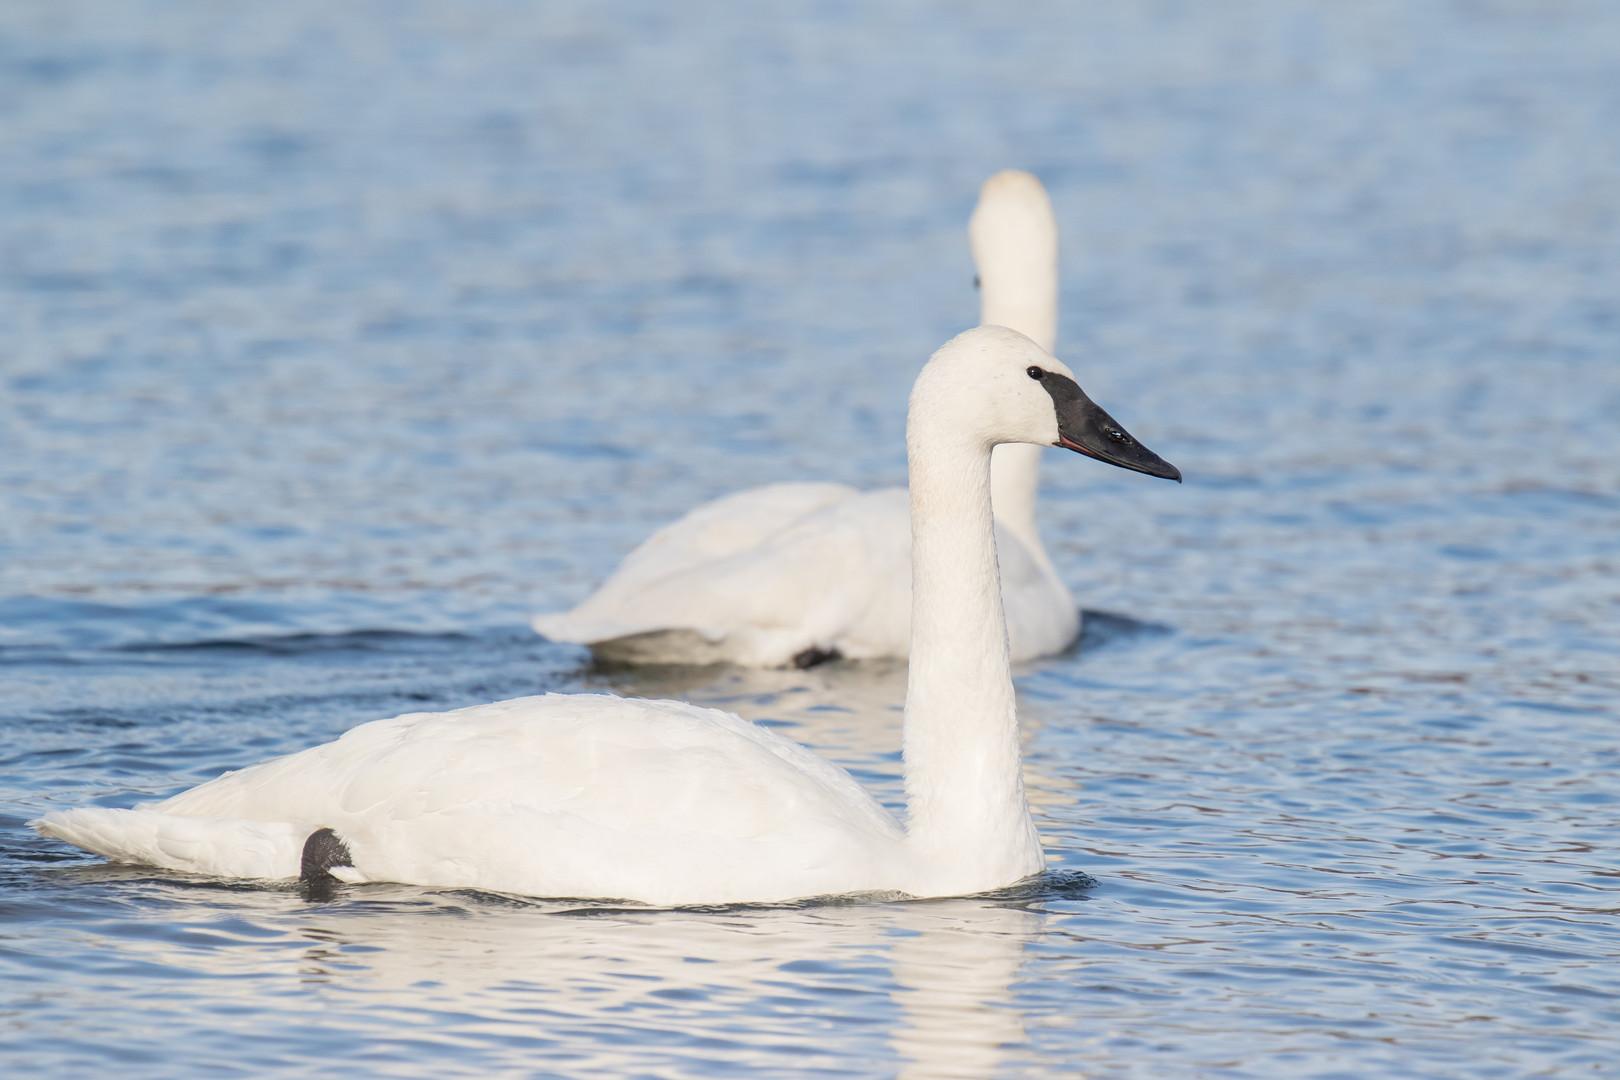 Portrait de trompette / Trumpetter swan portrait